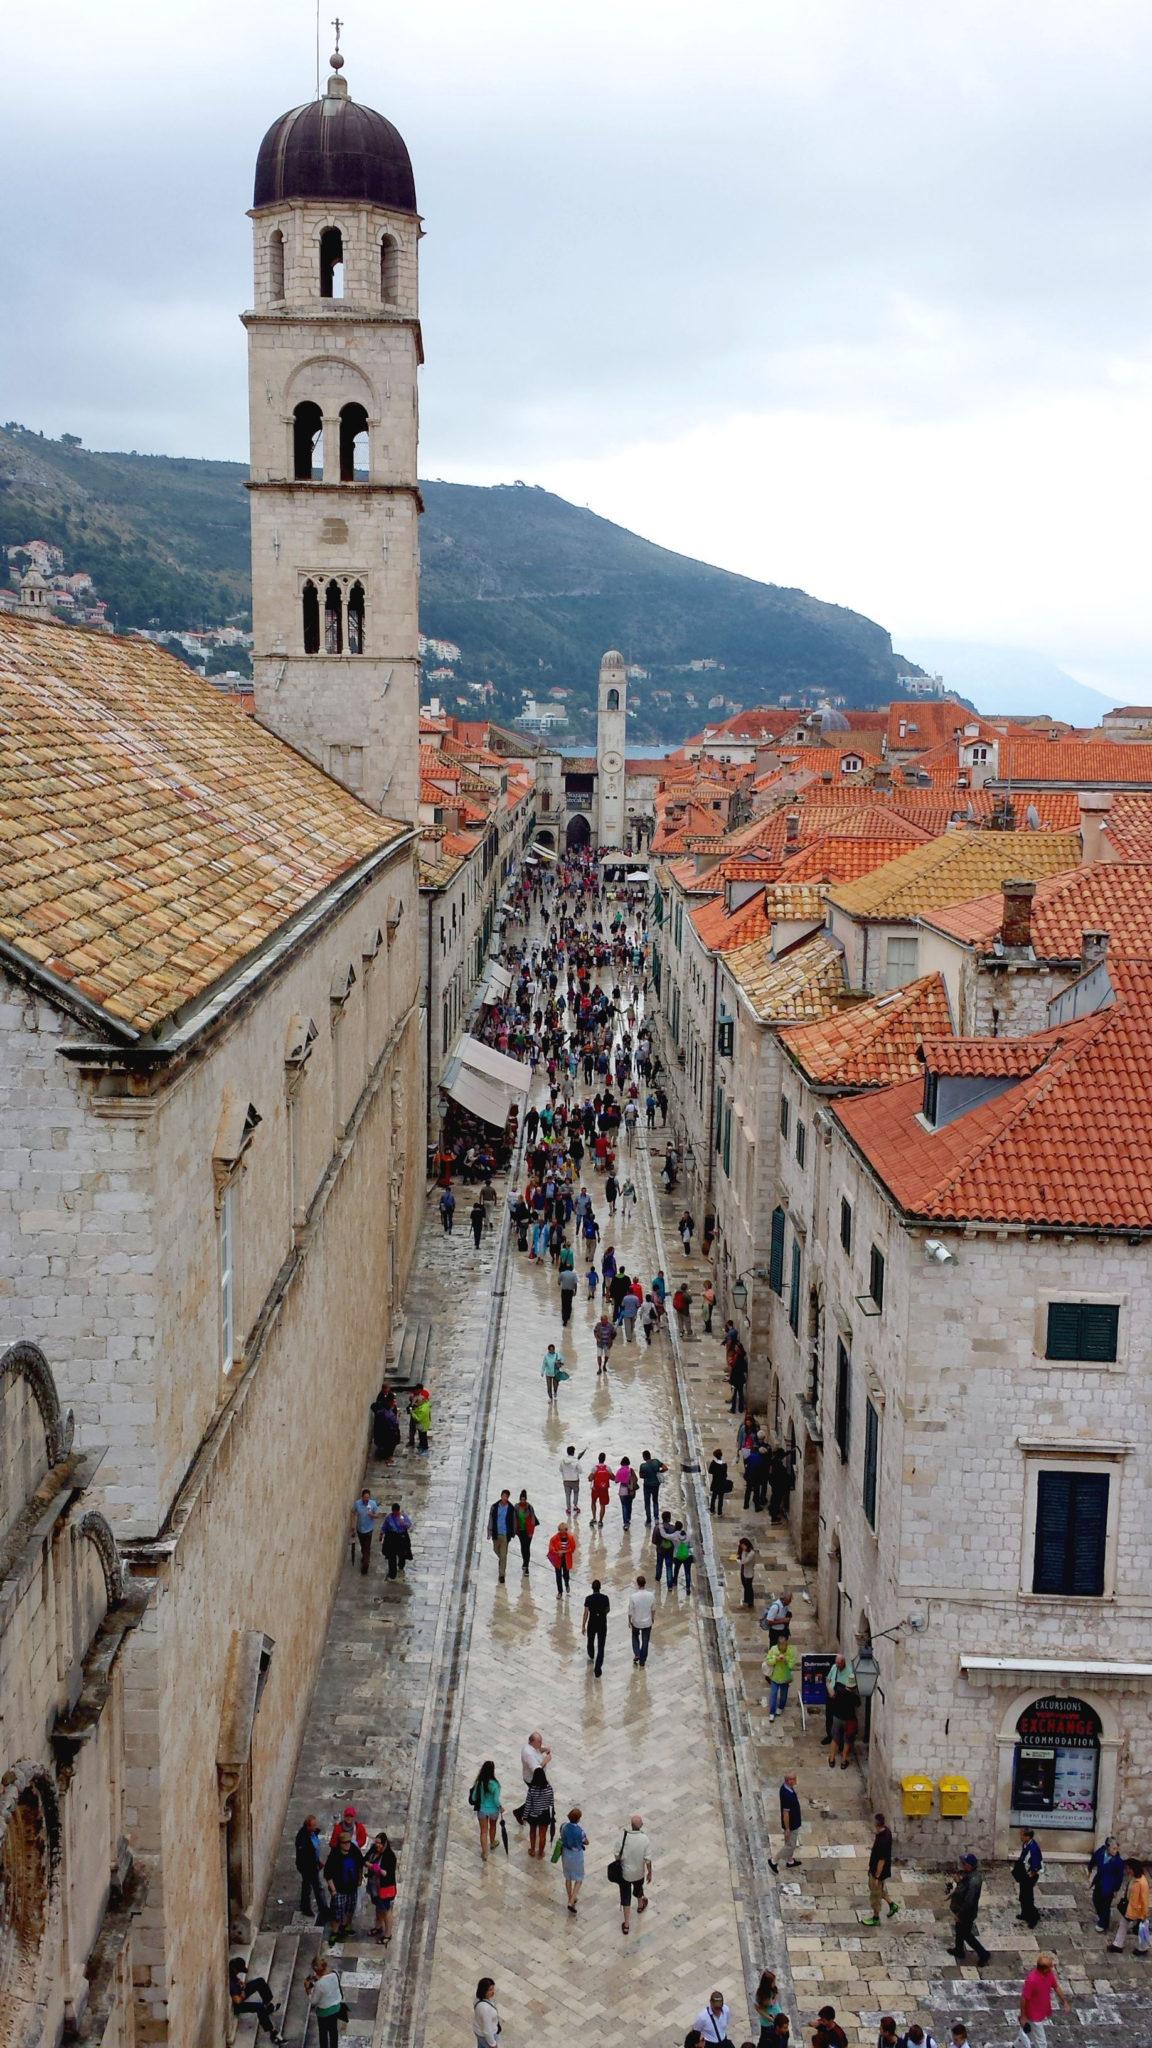 Hema_blog_mode_voyage_croatie_une_journee_a_dubrovnik_streets-4